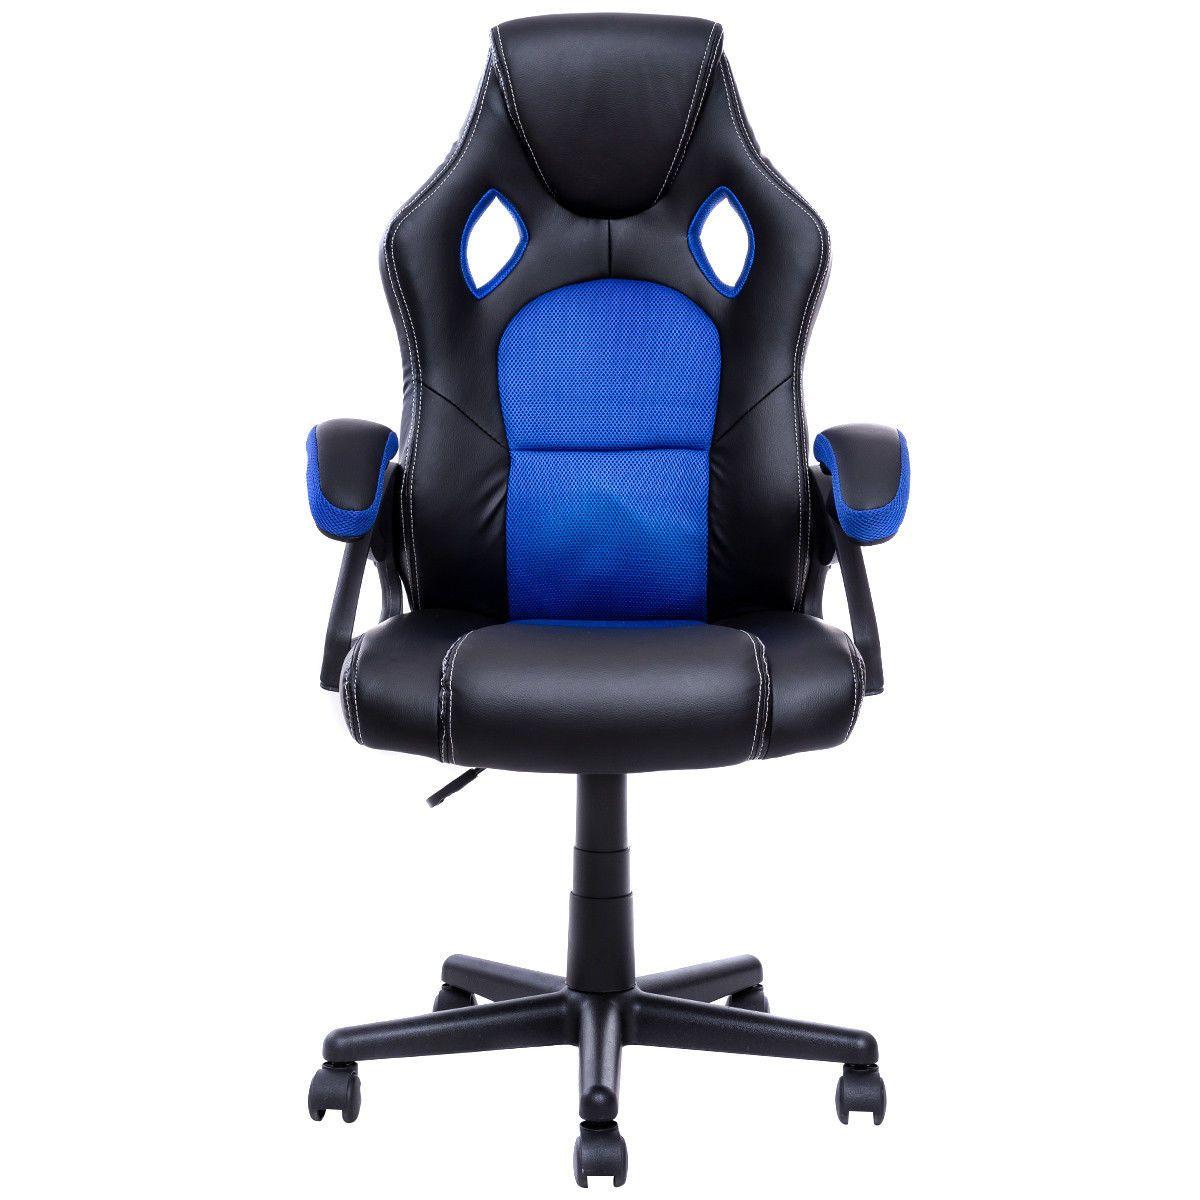 Silla de oficina de cuero estilo PU con asiento tipo butaca Executive Racing